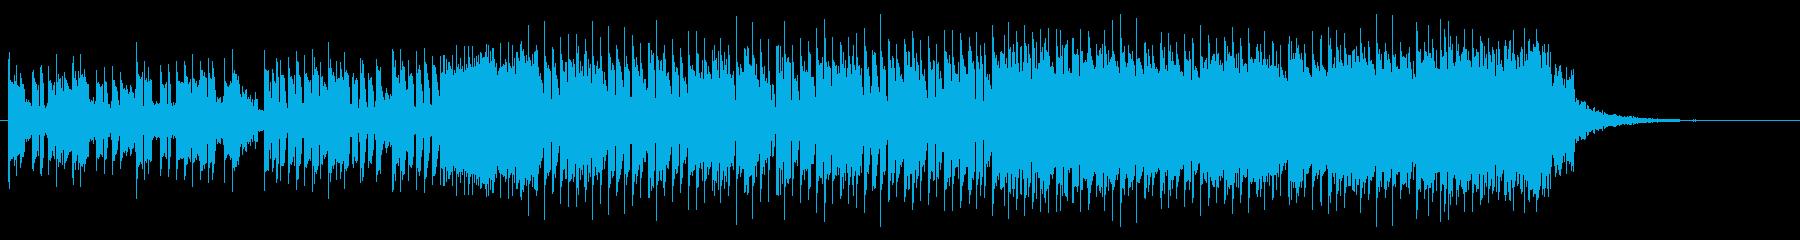 エネルギッシュなダンスミュージックビートの再生済みの波形